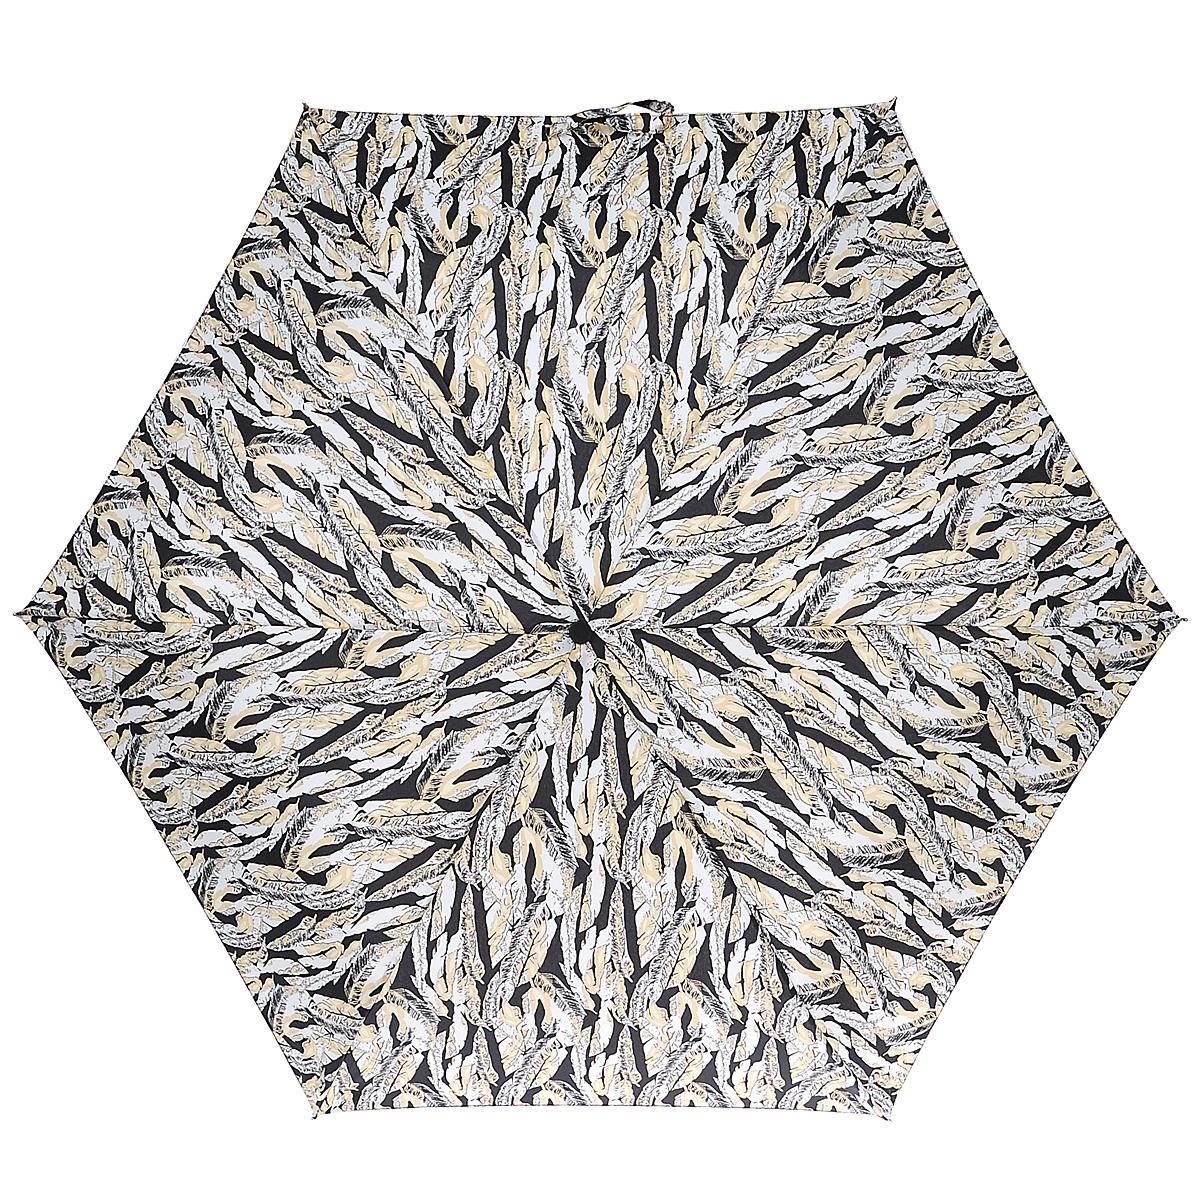 """Зонт женский Fulton Scattered Feather, механический, 3 сложения, цвет: черный, бежевый. L55345100032/35449/3537AСтильный зонт Fulton """"Scattered Feather"""" защитит от непогоды, а его компактный размер позволит вам всегда носить его с собой. """"Ветростойкий"""" алюминиевый каркас в 3 сложениясостоит из шести спиц с элементами из фибергласса, зонт оснащен удобной рукояткой из дерева.Купол зонта выполнен из прочного полиэстера и оформлен цветочным принтом в виде перьев. На рукоятке для удобства есть небольшой шнурок-резинка, позволяющий надеть зонт на руку тогда, когда это будет необходимо.К зонту прилагается чехол на липучке. Зонт механического сложения: купол открывается и закрывается вручную, стержень также складывается вручную до характерного щелчка.Характеристики: Материал: алюминий, фибергласс, пластик, полиэстер.Длина зонта в сложенном виде: 22,5 см.Длина ручки (стержня) в раскрытом виде:52 см."""